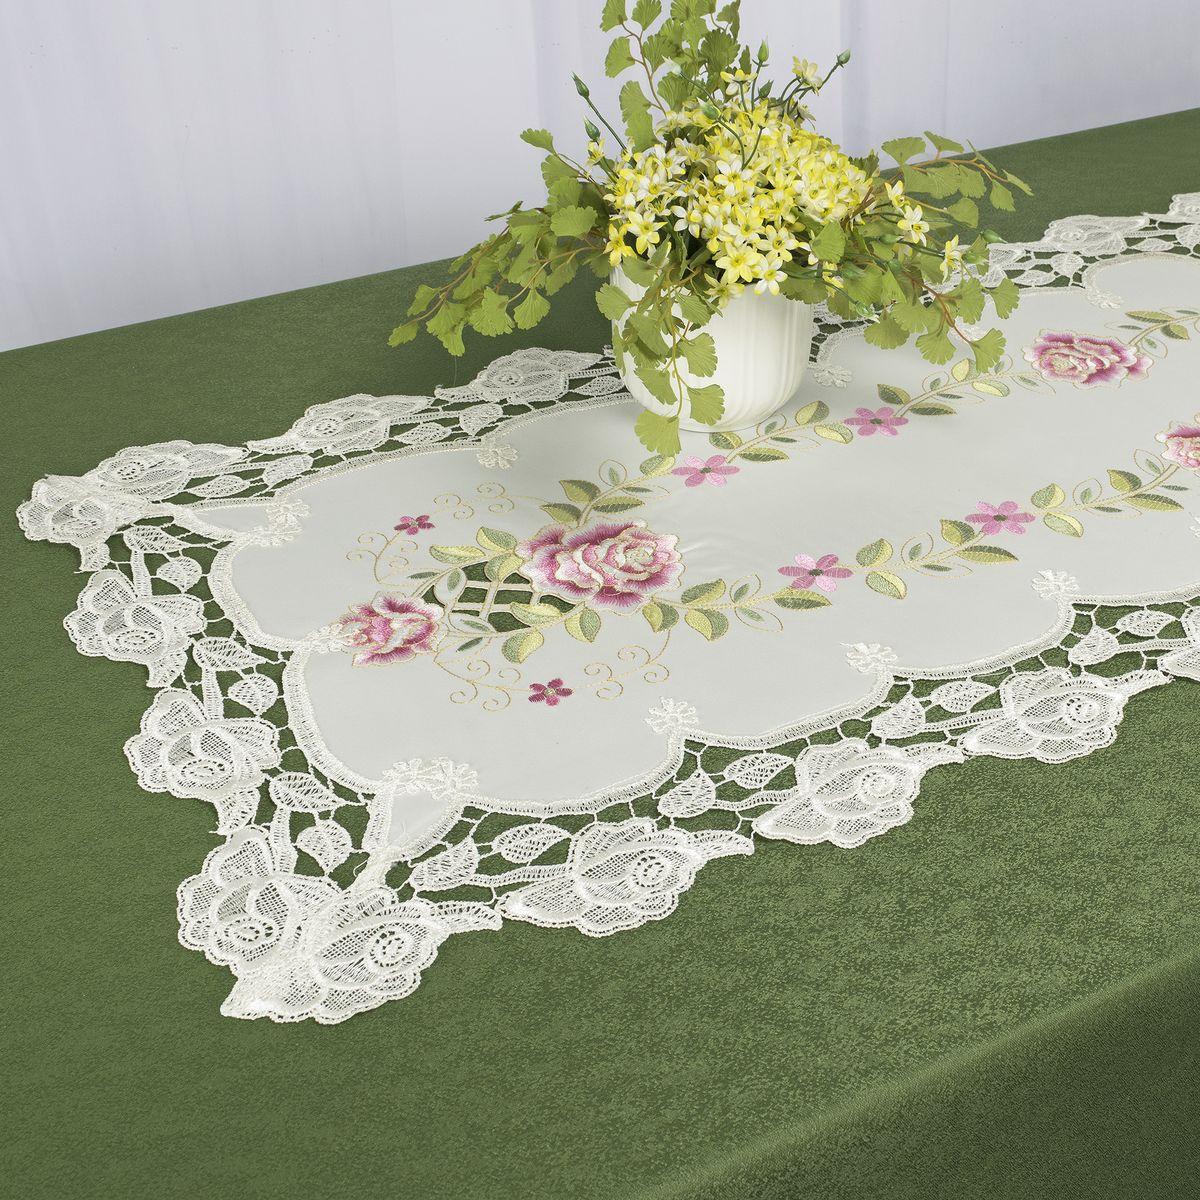 Дорожка для декорирования стола Schaefer, 40x110 см. 07686-23307686-233